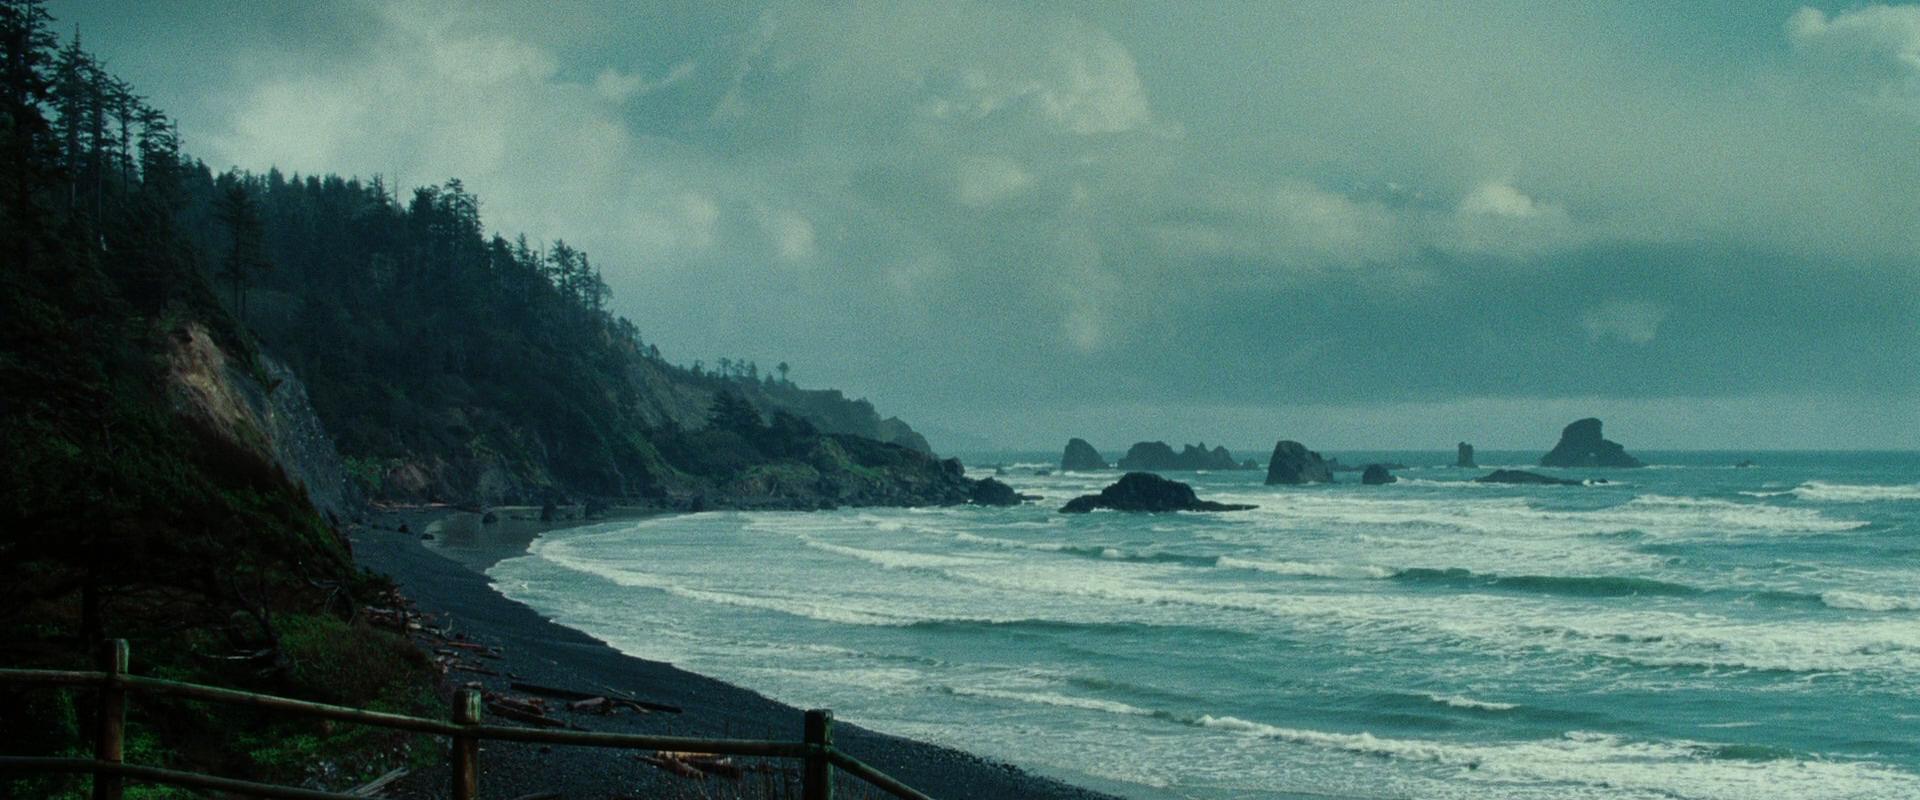 переплетение гор и моря в очаровании мрачности